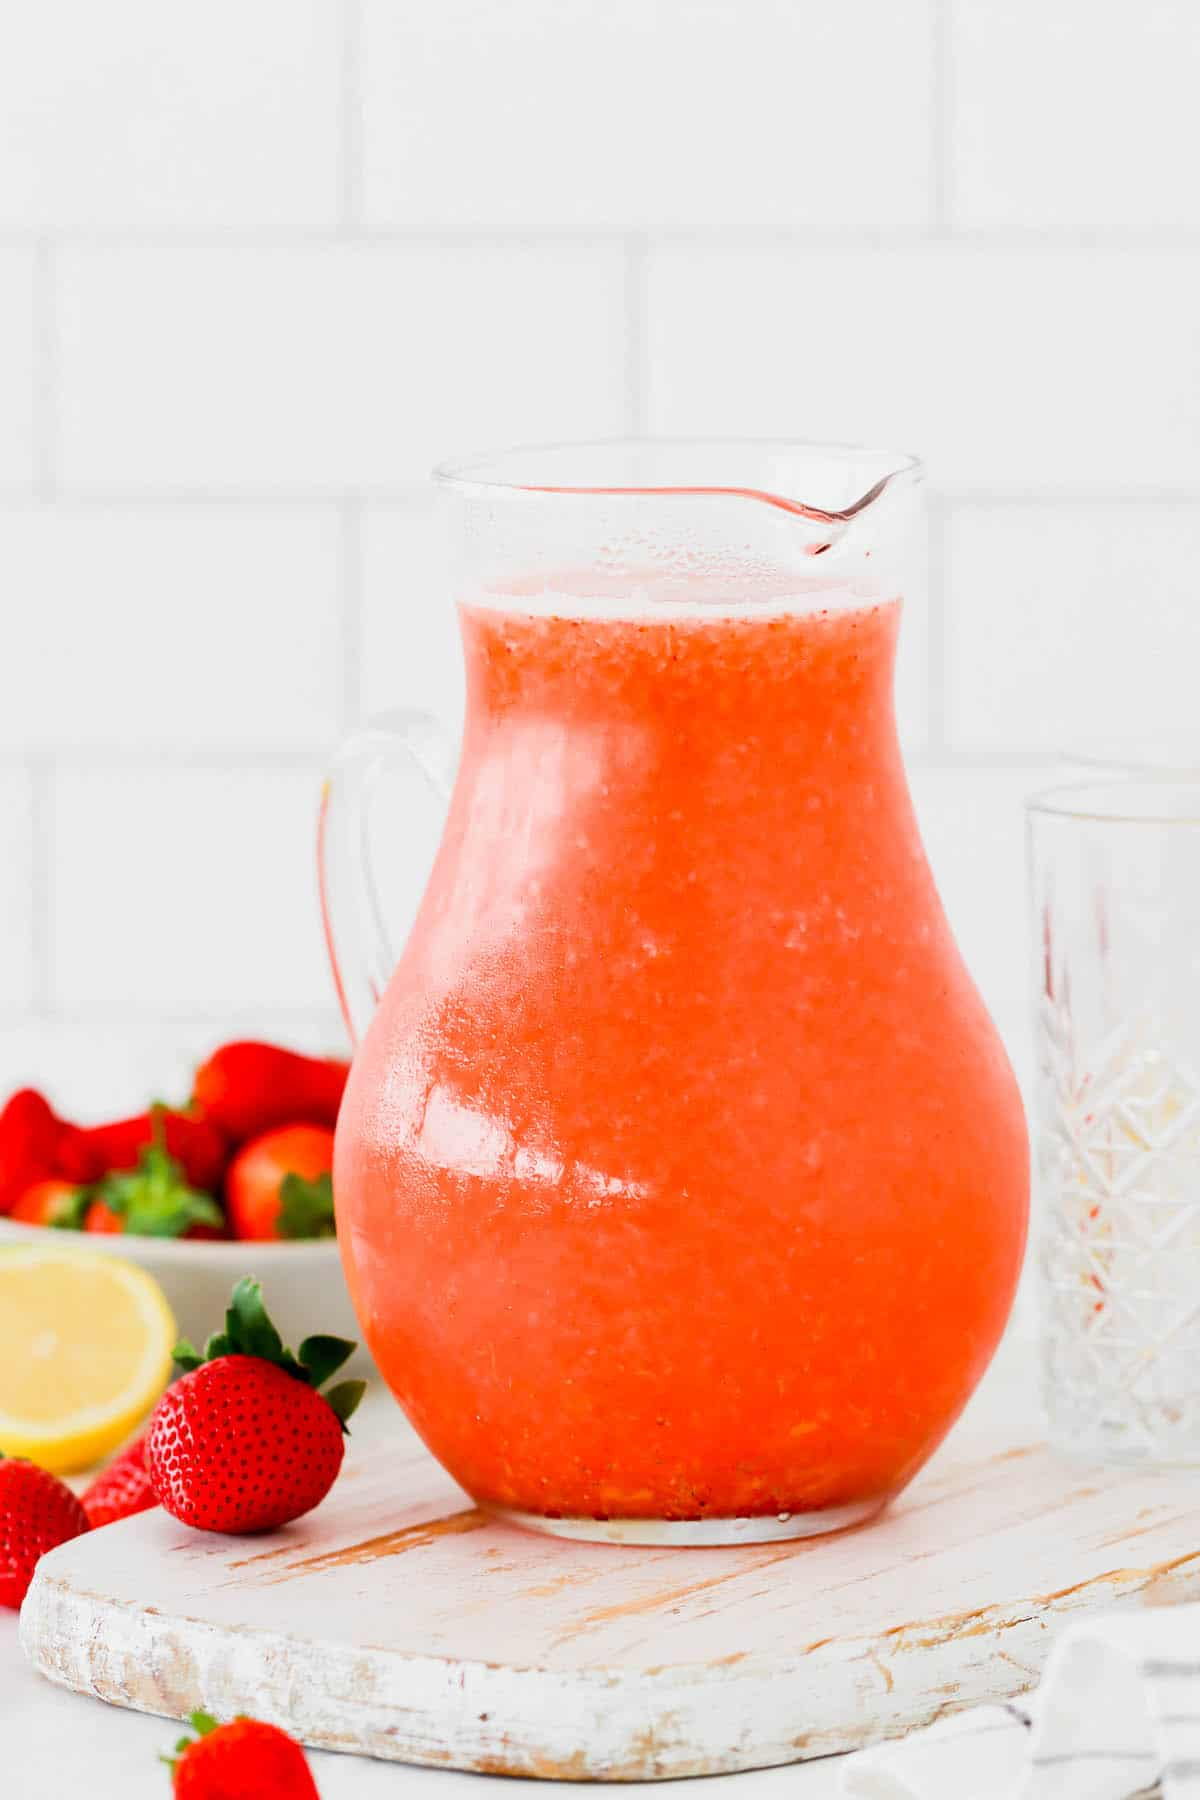 A glass pitcher of homemade strawberry lemonade